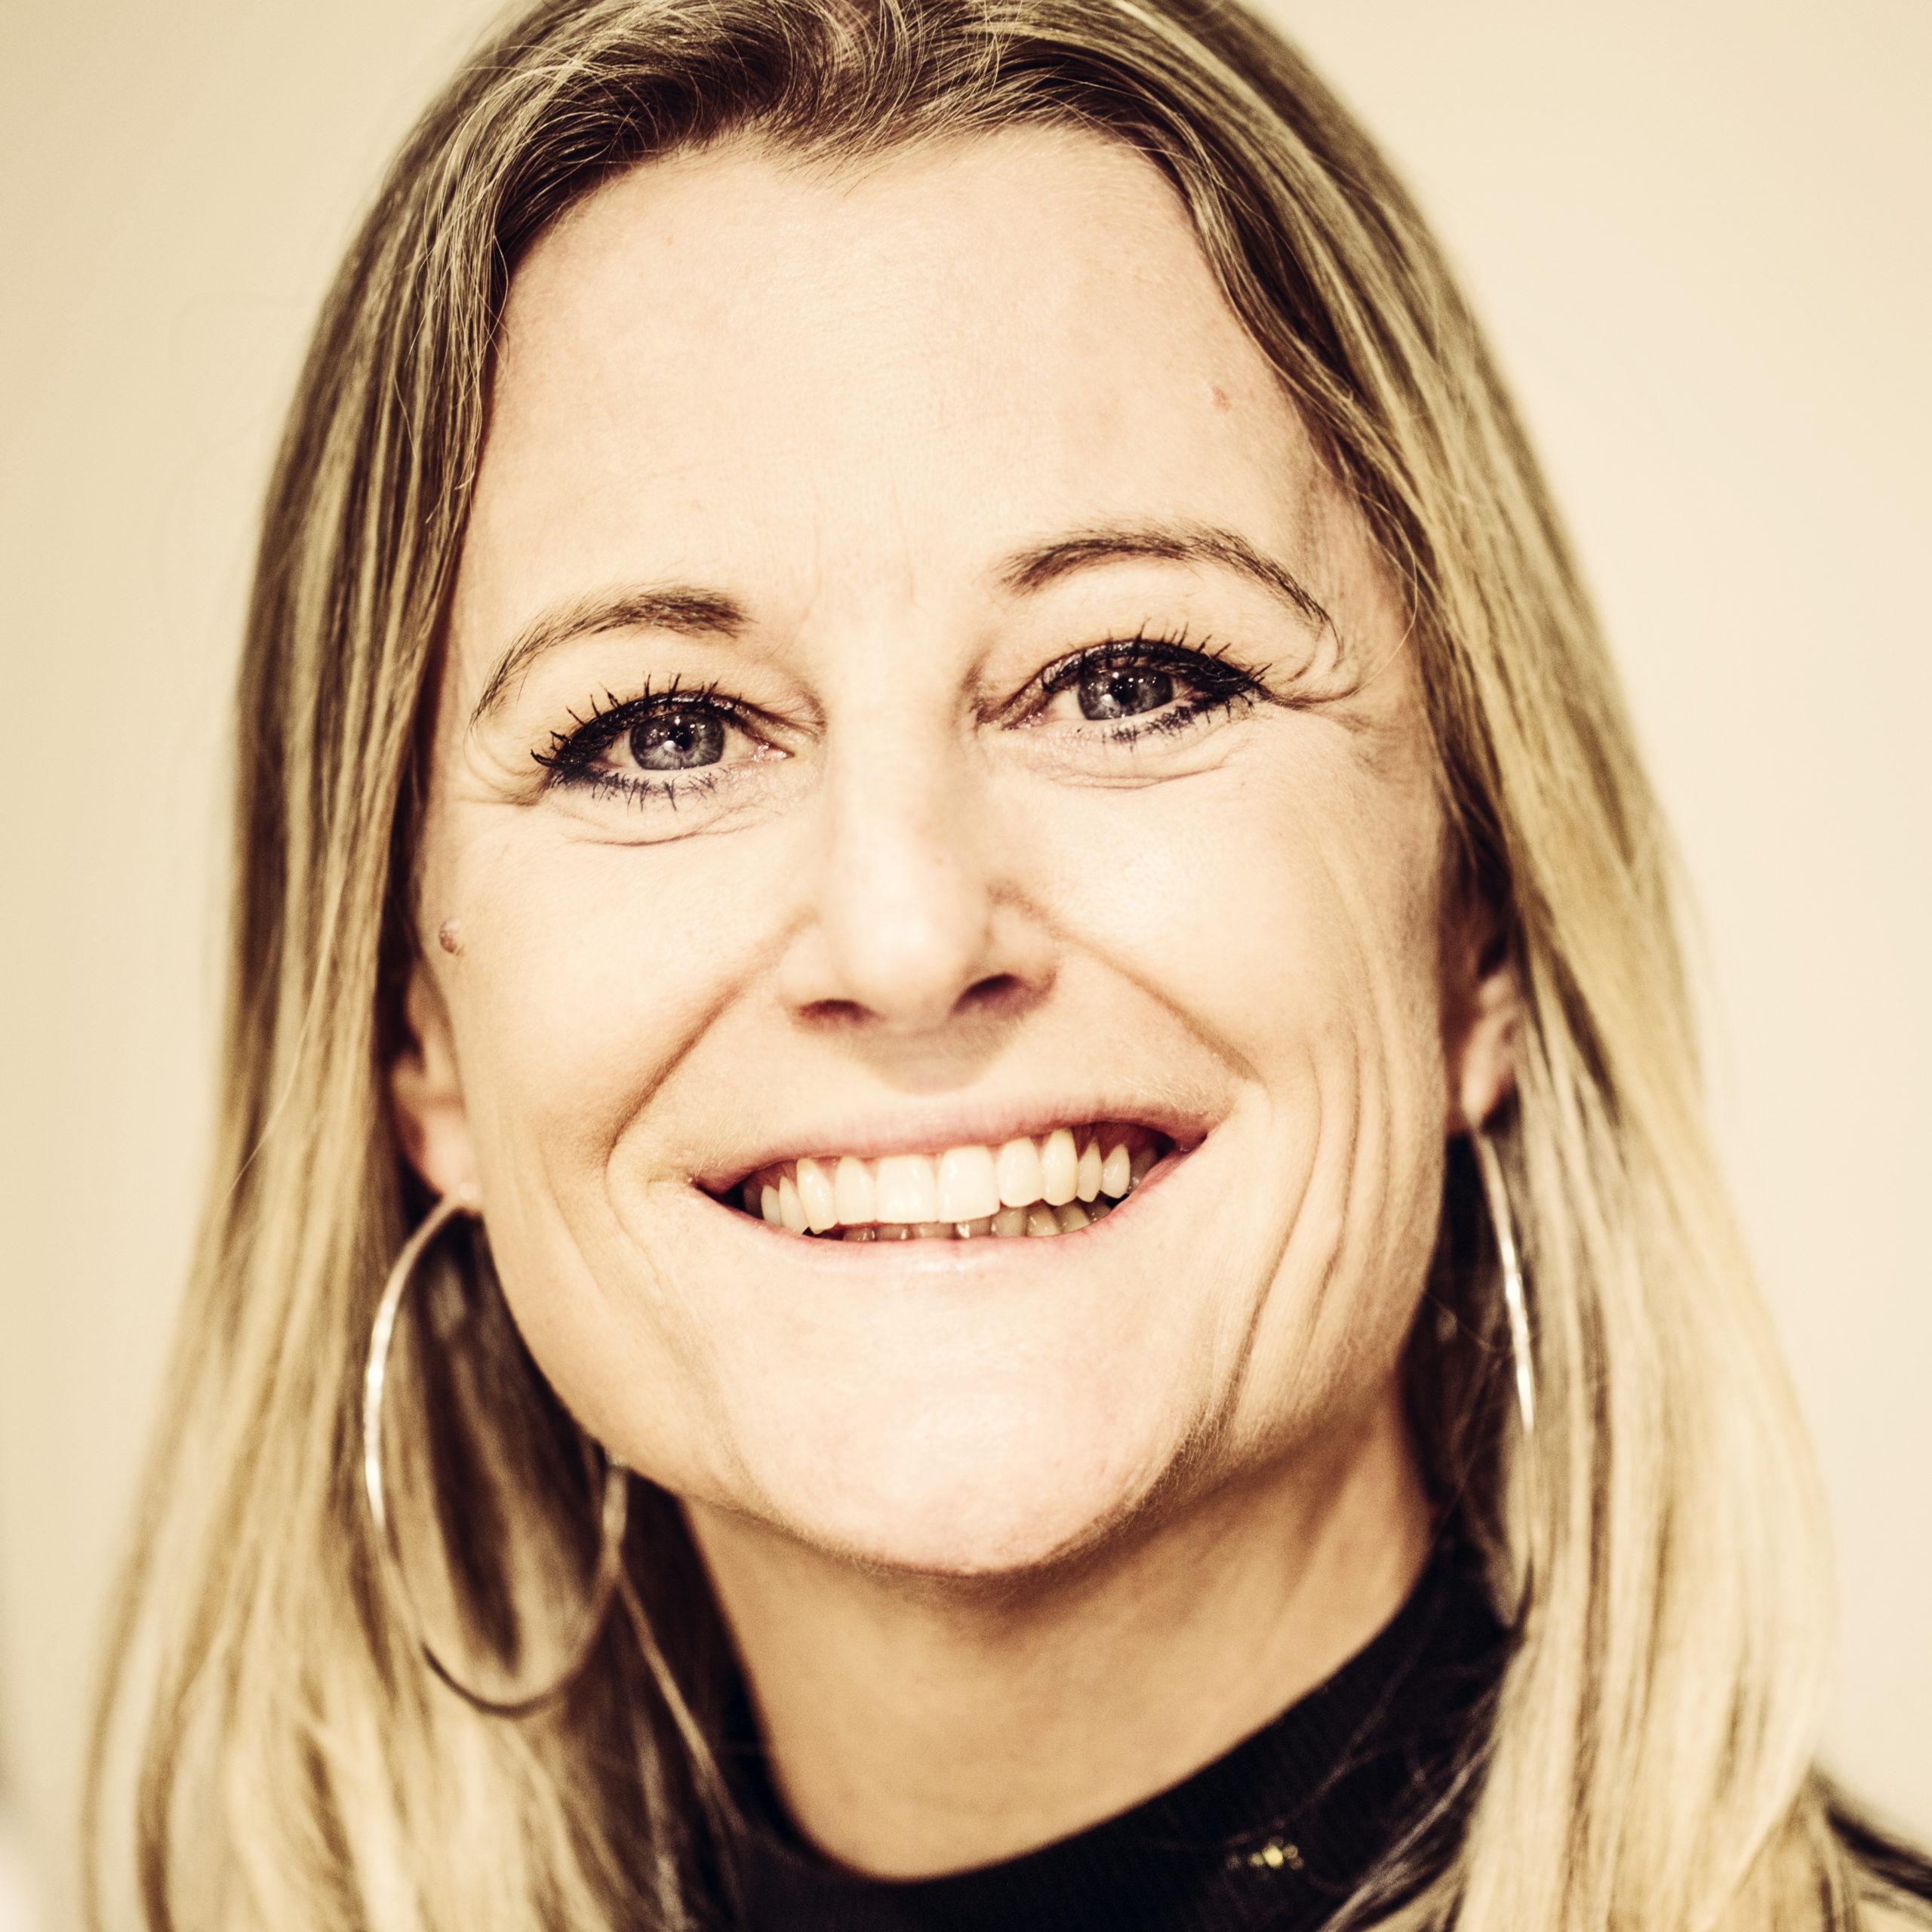 Karin Hobi